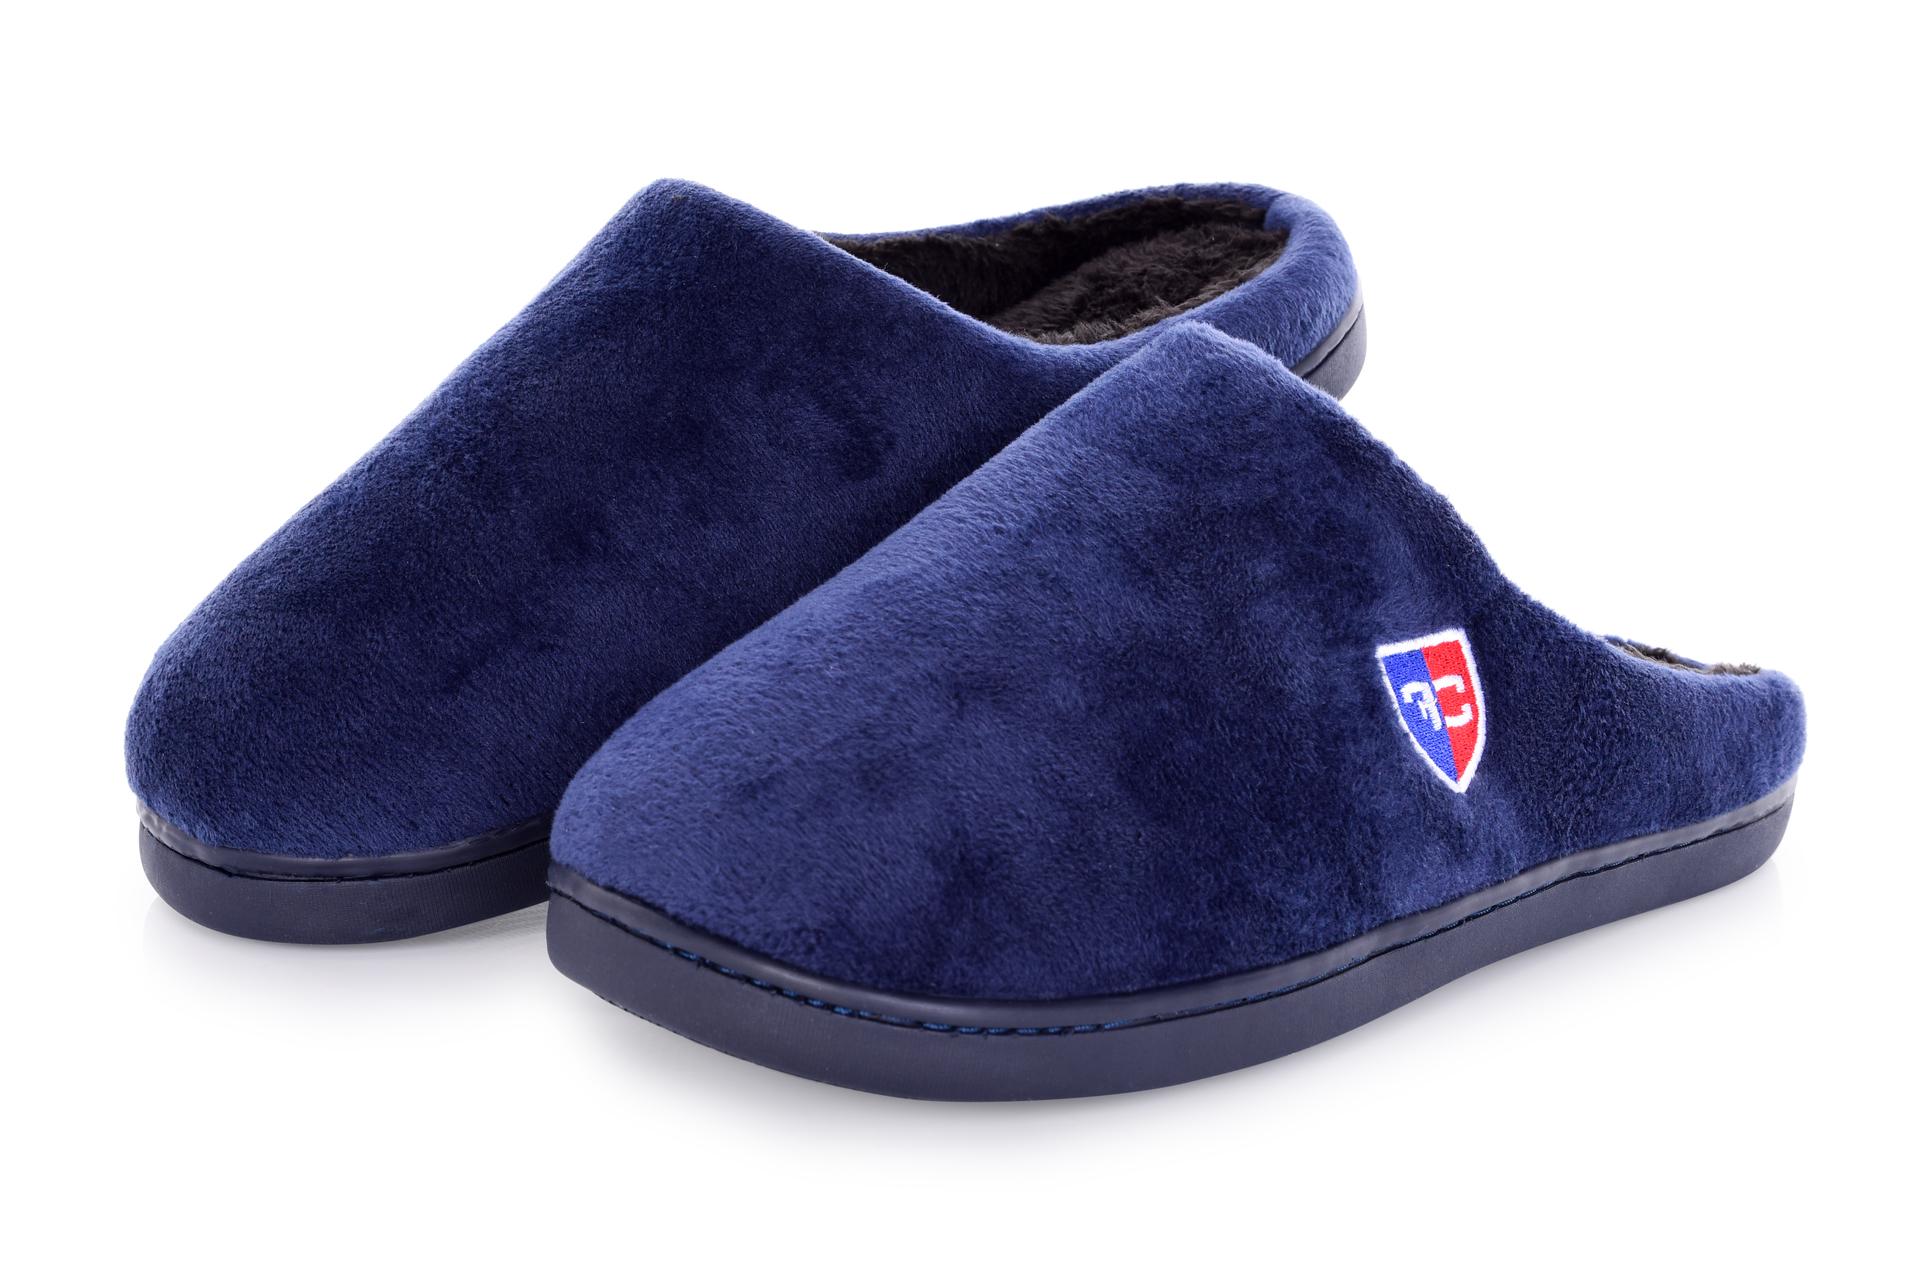 Domácí pantofle FC hřejivé  královsky modré vel.1 (40-41)